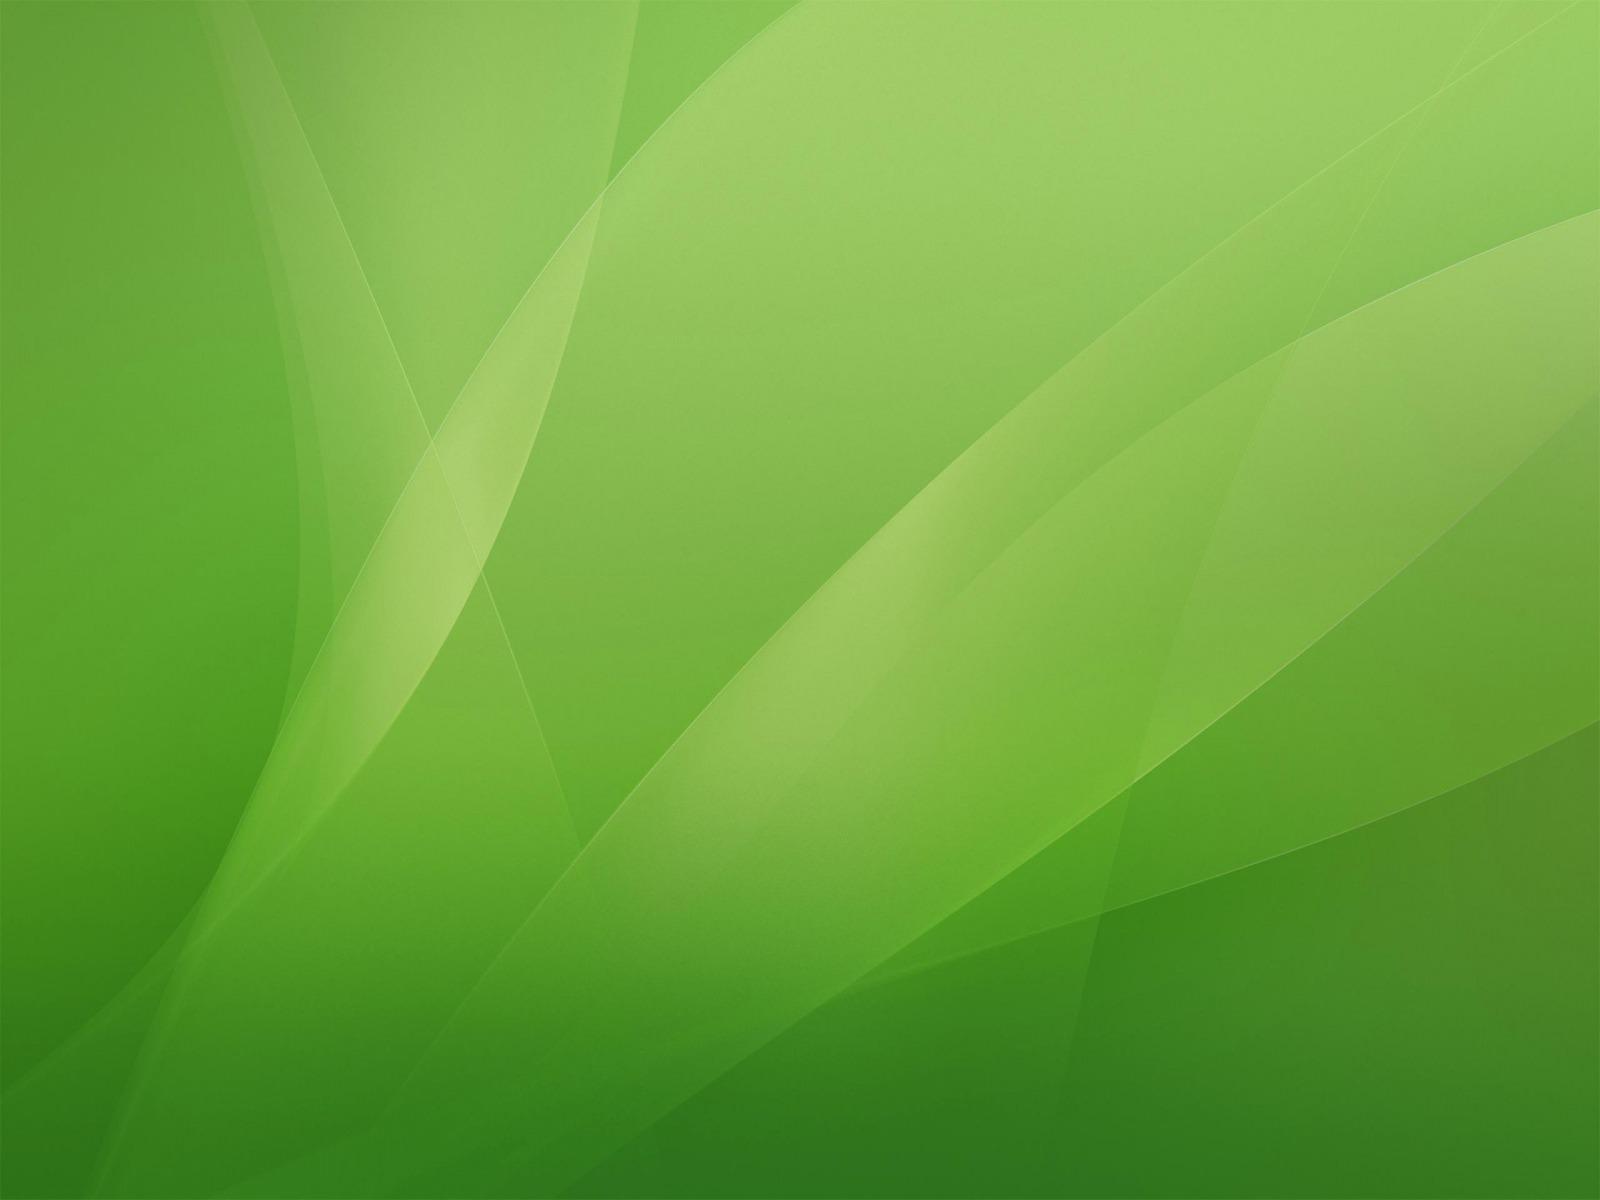 http://3.bp.blogspot.com/-_GIz-bhf-4A/TWgMIyfjWZI/AAAAAAAADq0/gV1K8e54pSg/s1600/Groene-achtergronden-groen-achtergrond-groene-wallpapers-hd-14.jpg